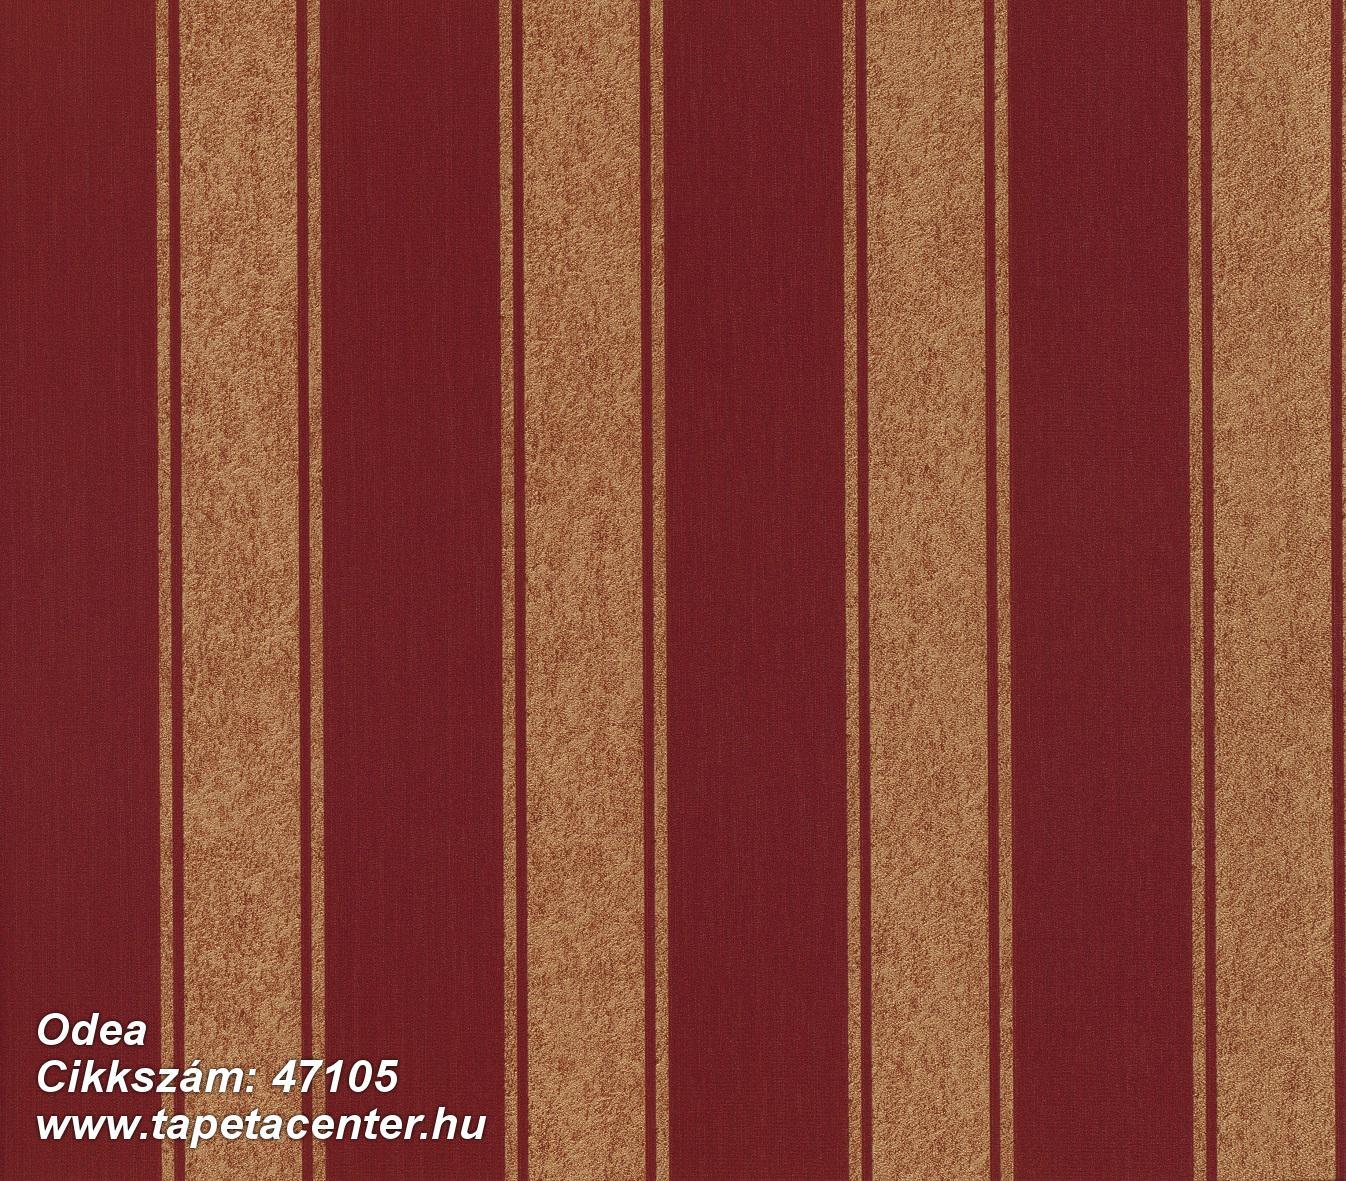 Odea - 47105 Olasz tapéta